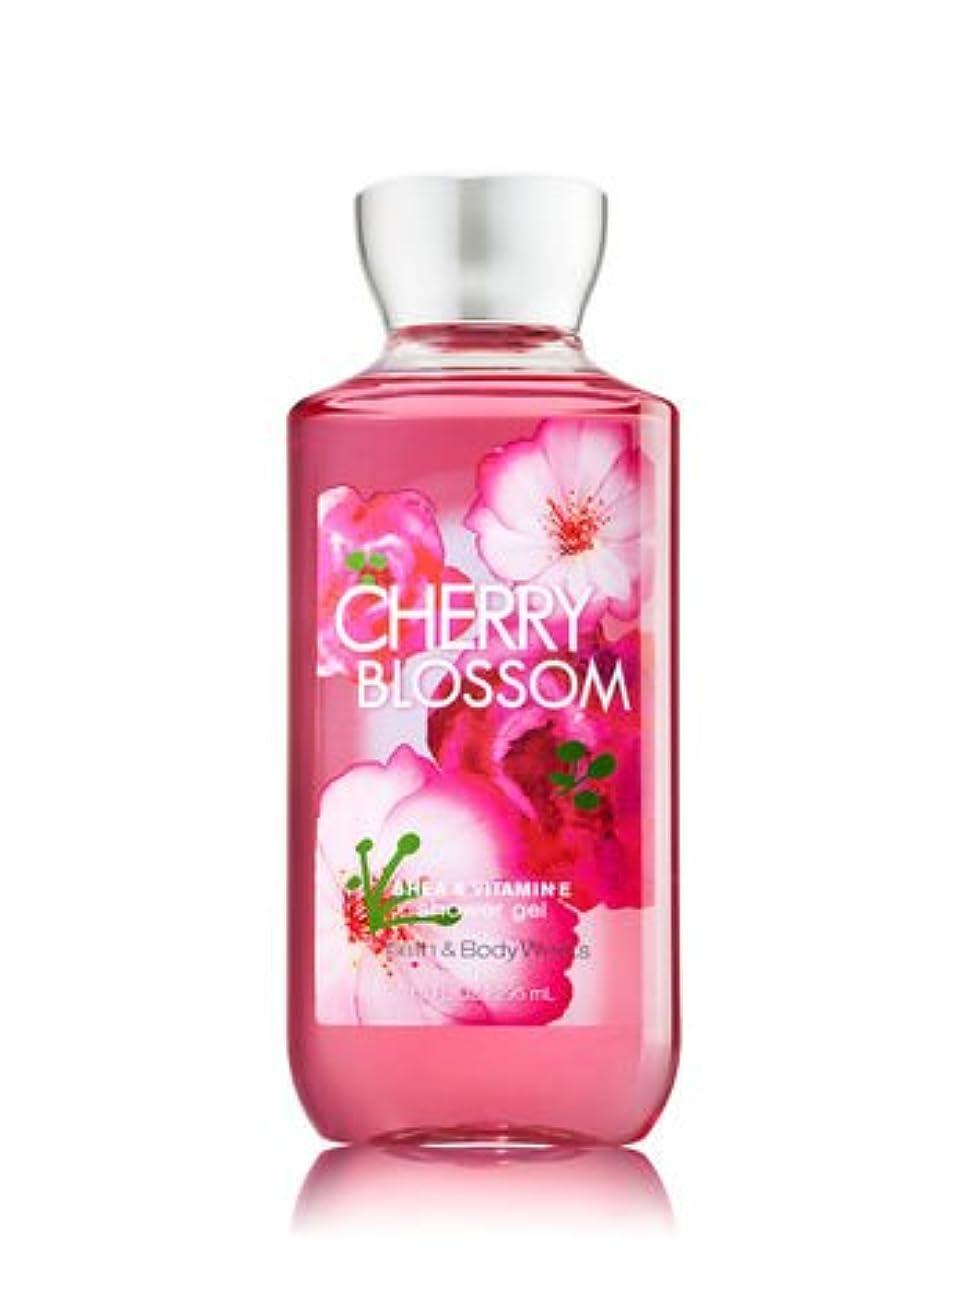 部門召喚する省【Bath&Body Works/バス&ボディワークス】 シャワージェル チェリーブロッサム Shower Gel Cherry Blossom 10 fl oz / 295 mL [並行輸入品]